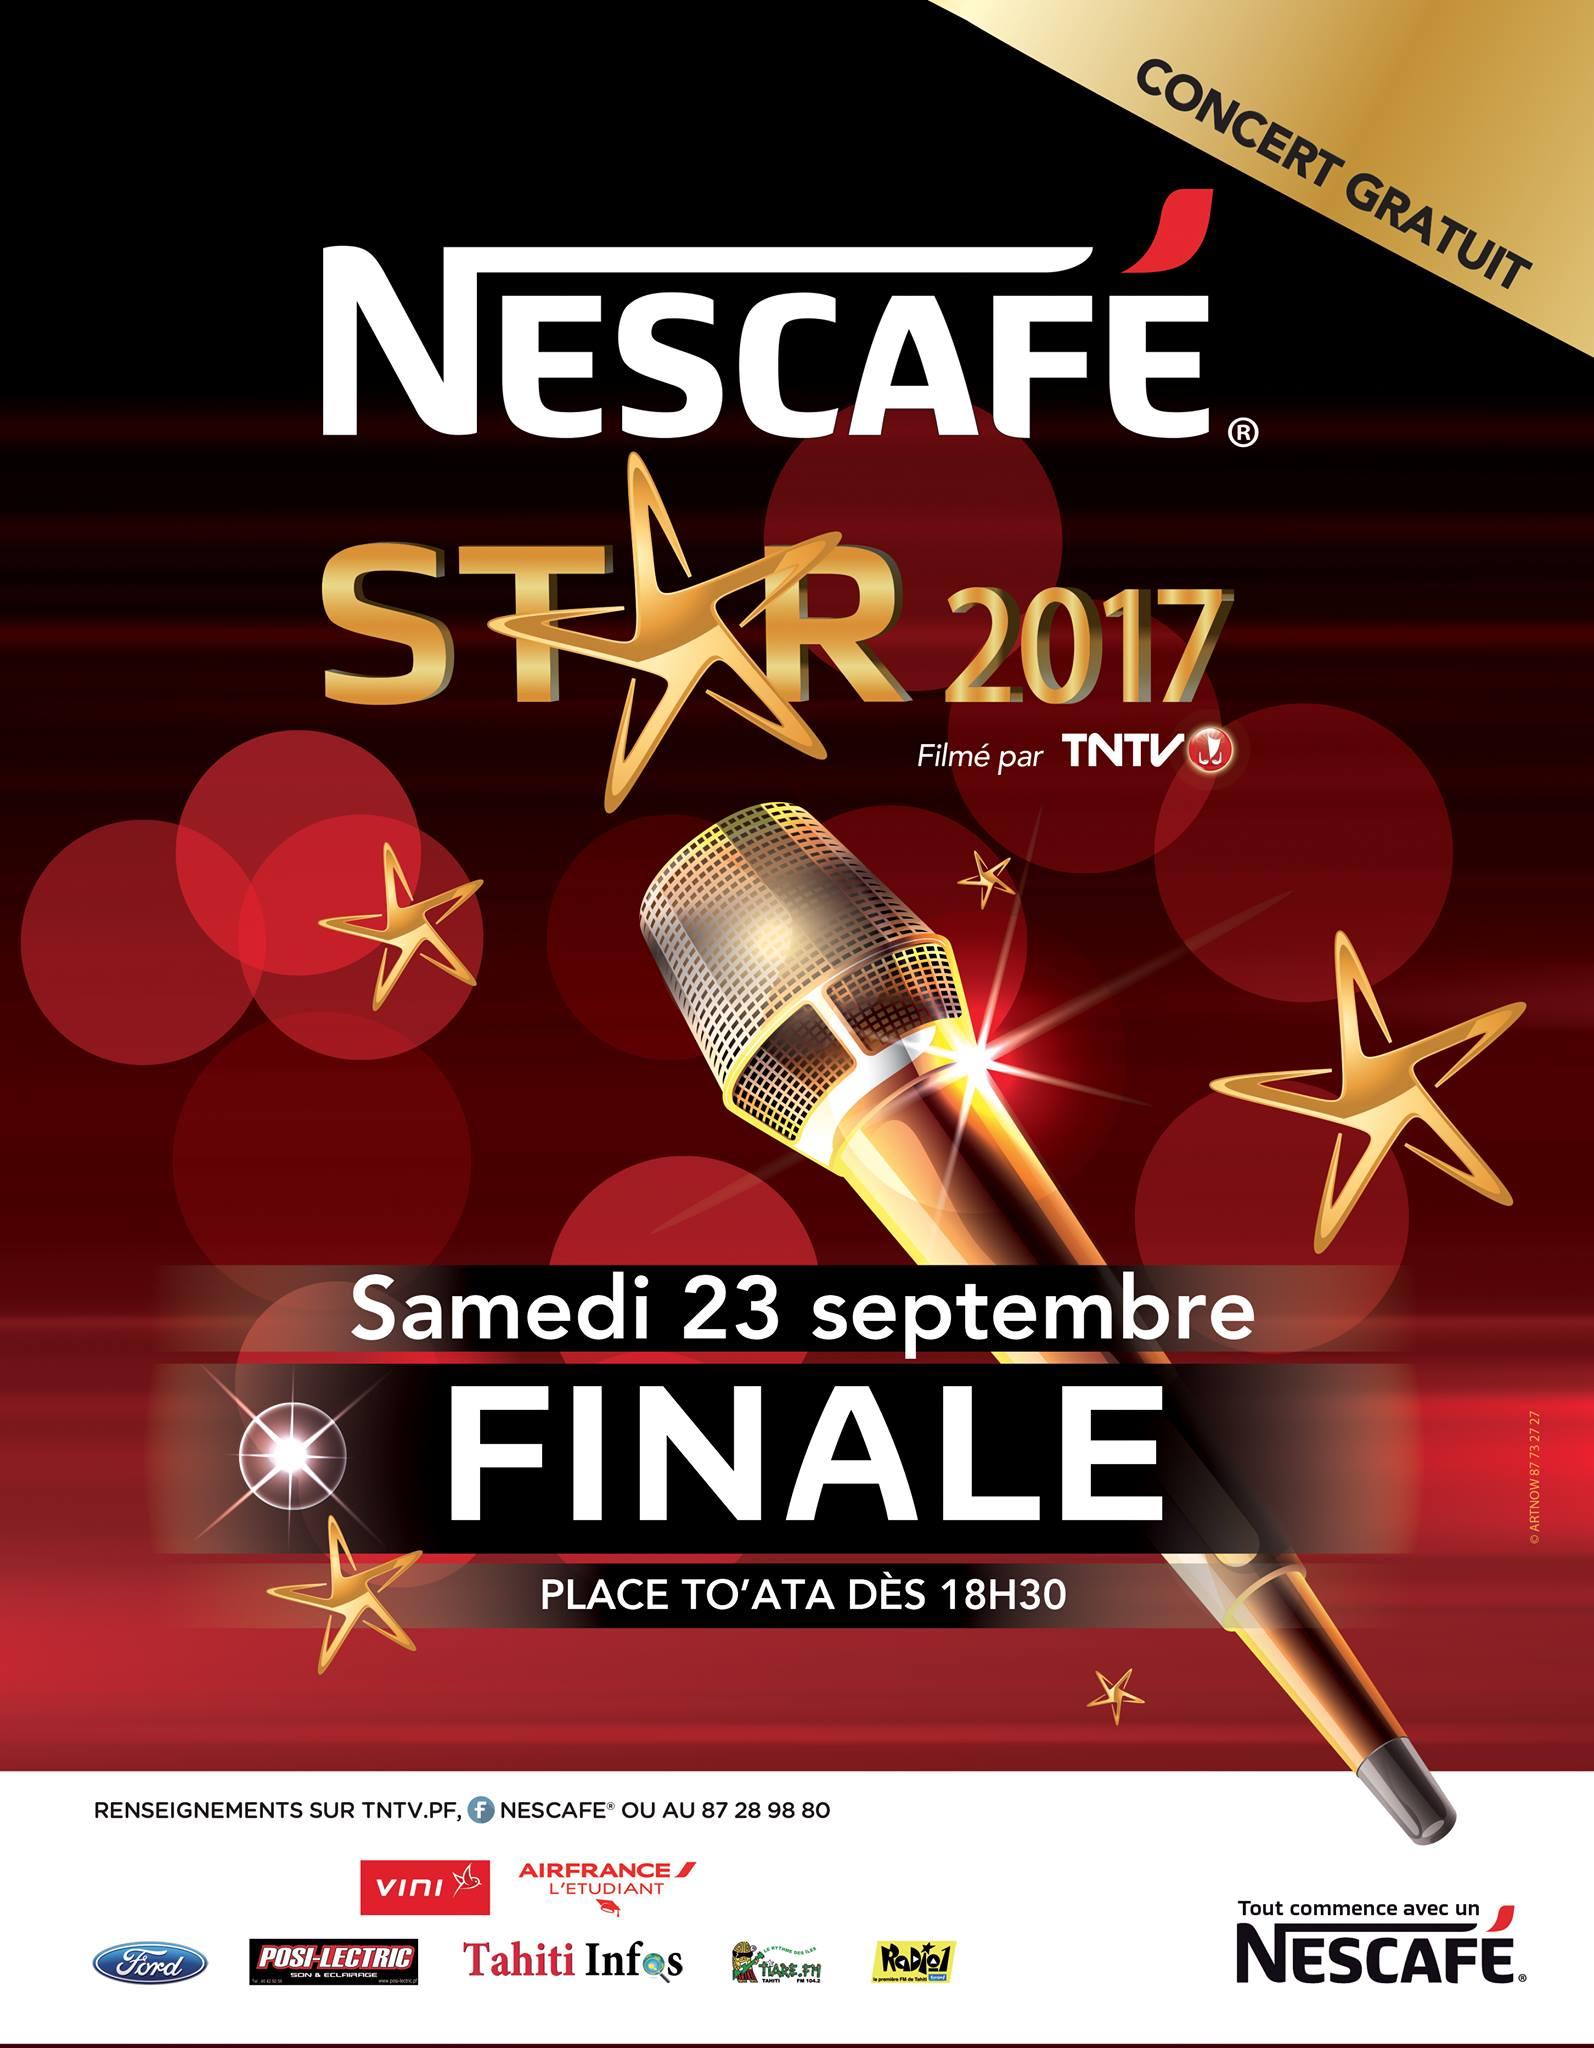 Concert – Nescafé Star Finale